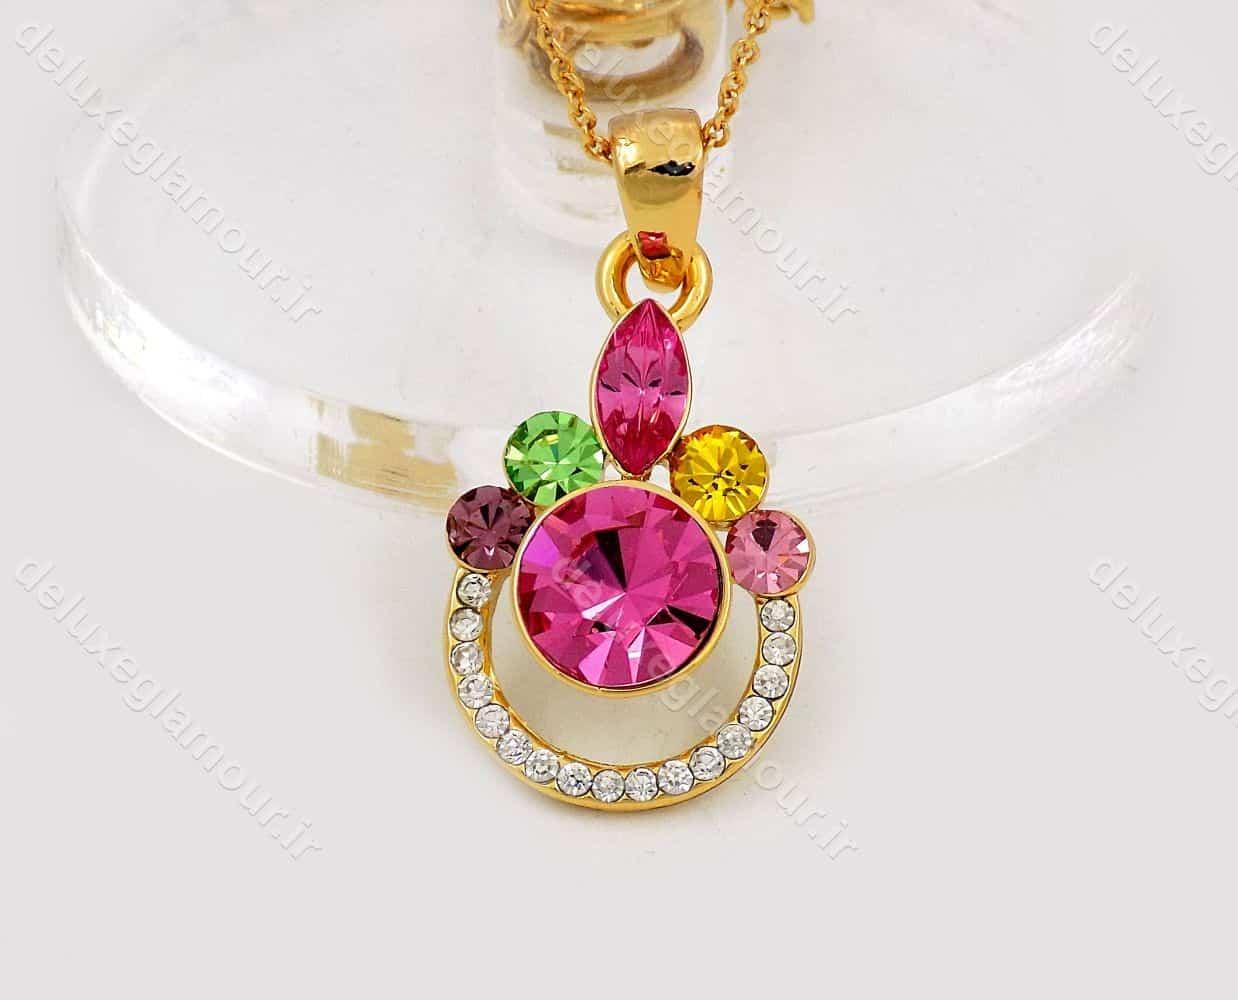 نیم ست دخترانه جواهری طلایی برند کلیو با نگین های رنگی اصل سواروسکی ns-n156 از نمای گردنبند تک